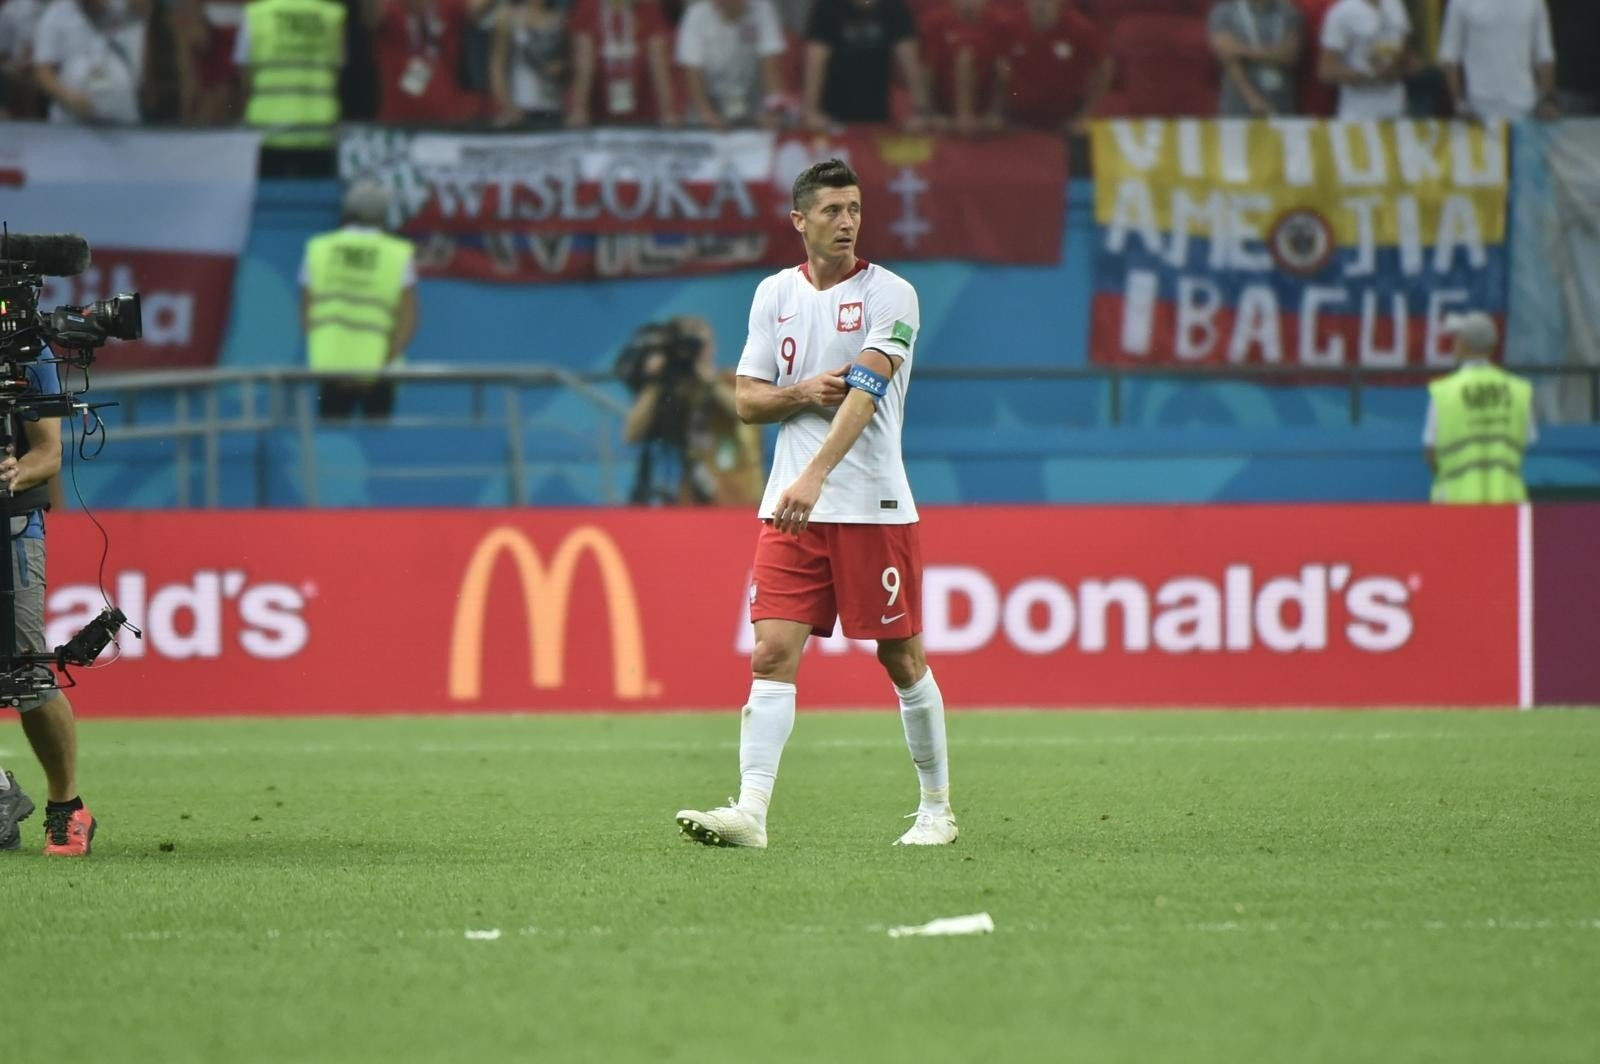 20bdb8e7c POLSKA - JAPONIA na żywo. To ostatnie spotkanie naszej kadry narodowej na mistrzostwach  świata.